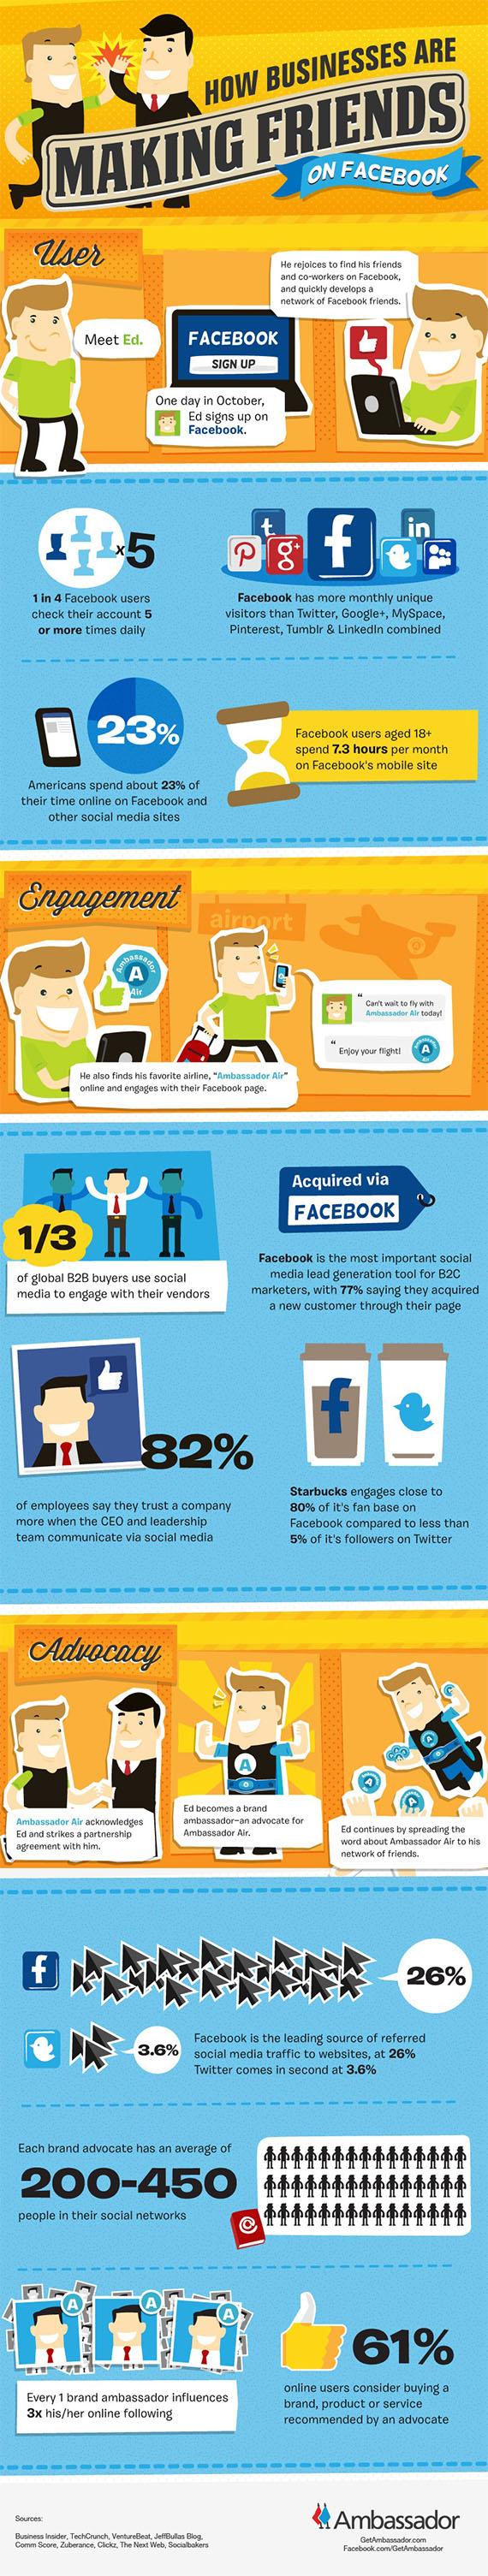 Cómo consiguen amigos en FaceBook las empresas